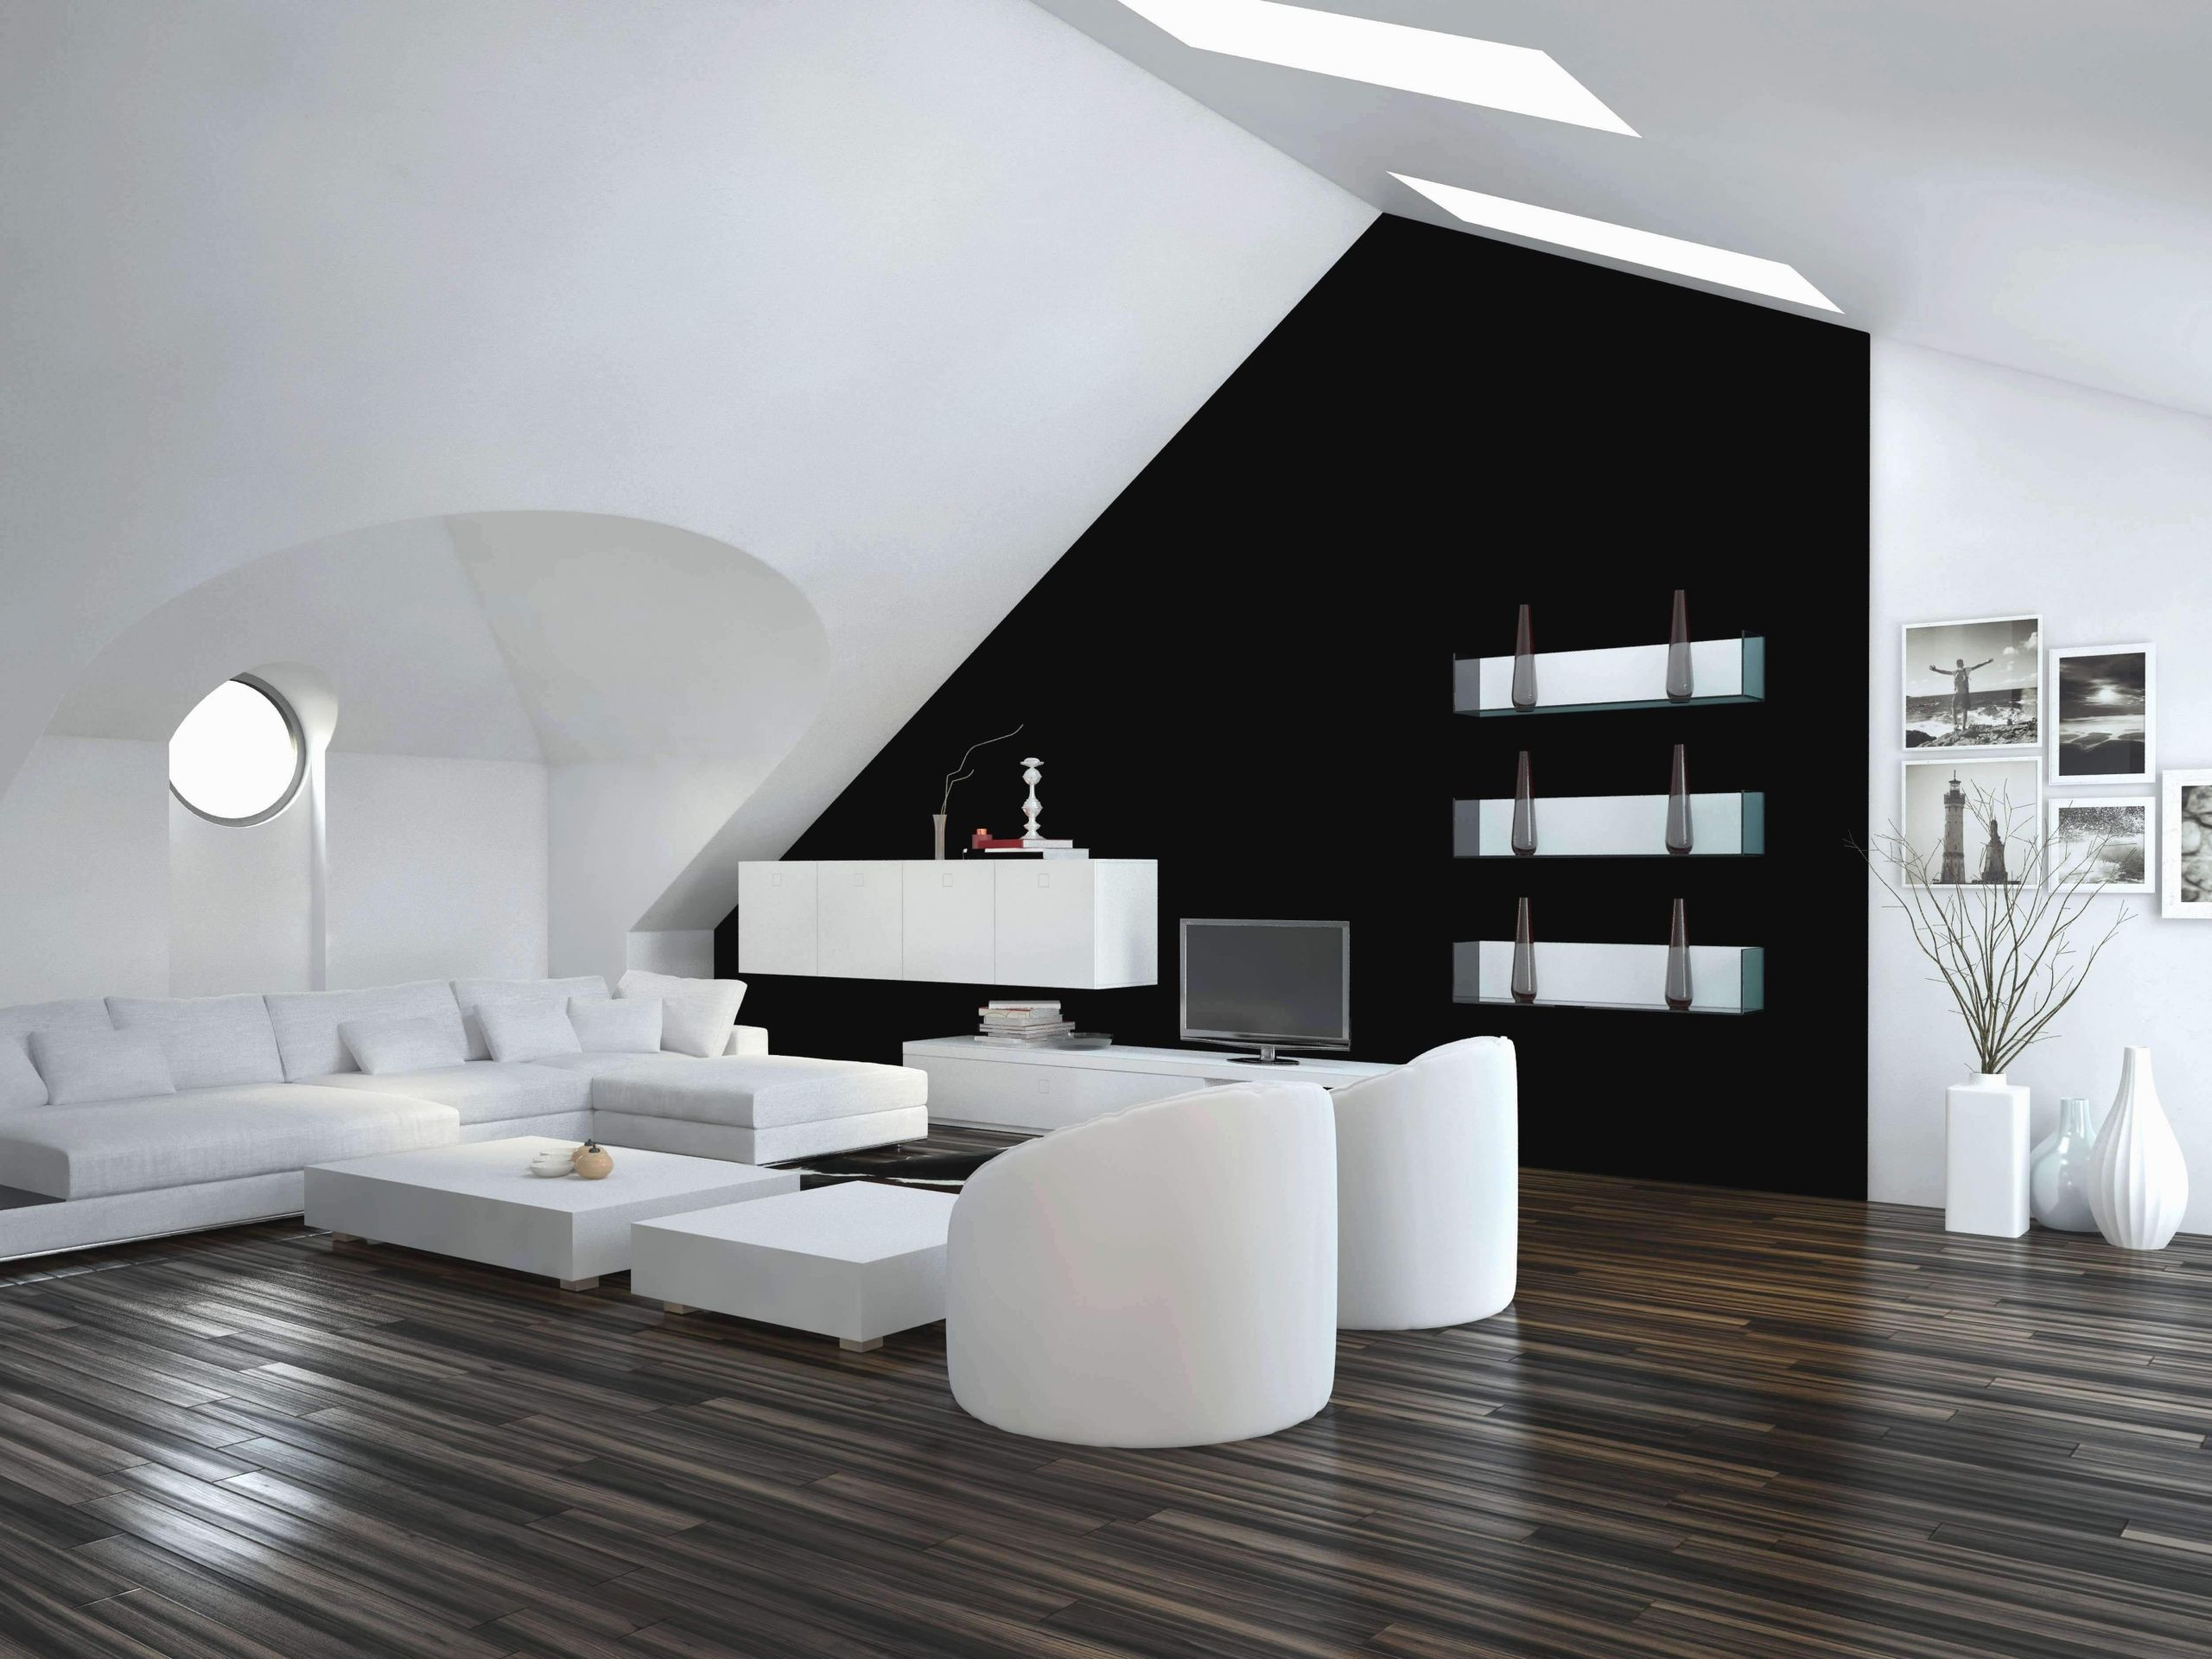 Full Size of Tapeten Ideen Wohnzimmer Modern Frisch Für Die Küche Schlafzimmer Fototapeten Bad Renovieren Wohnzimmer Tapeten Ideen